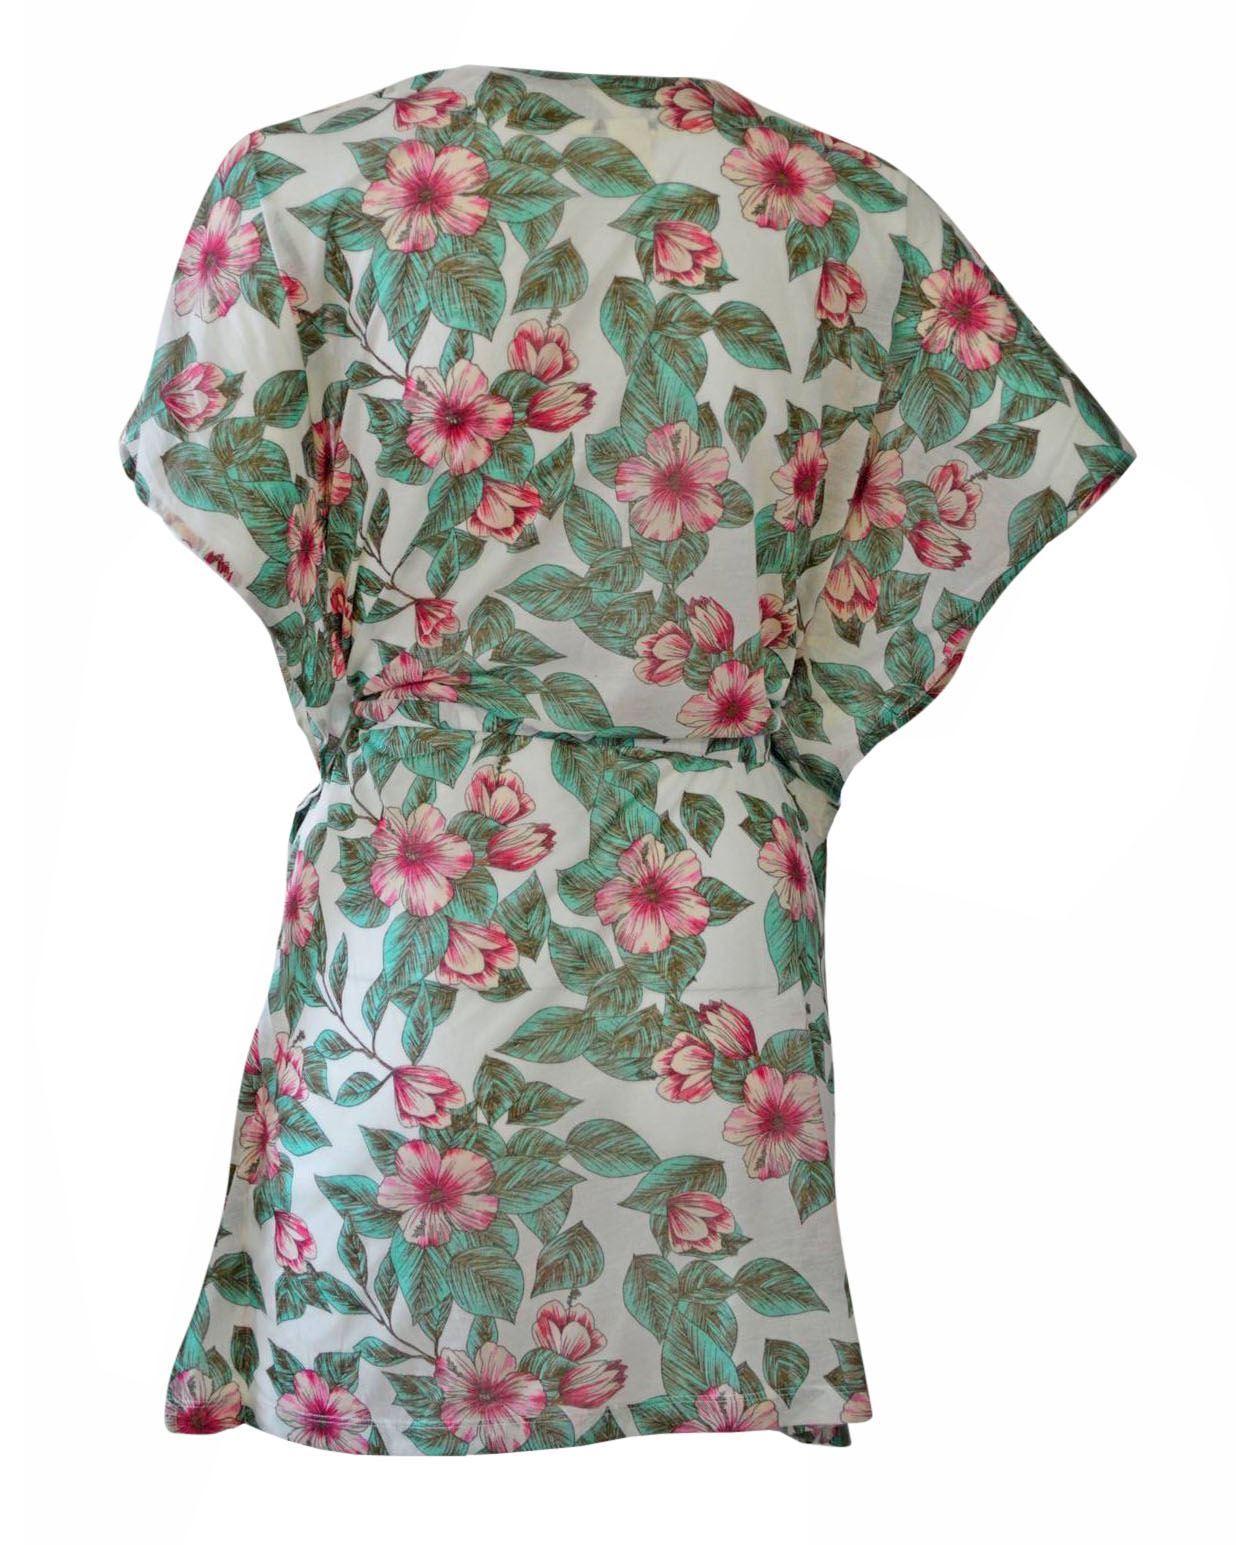 NEW-Ex-H-amp-M-Lightweight-Summer-Beach-Cover-Top-Kaftan-Floral-Print-Size-XS-XL thumbnail 9